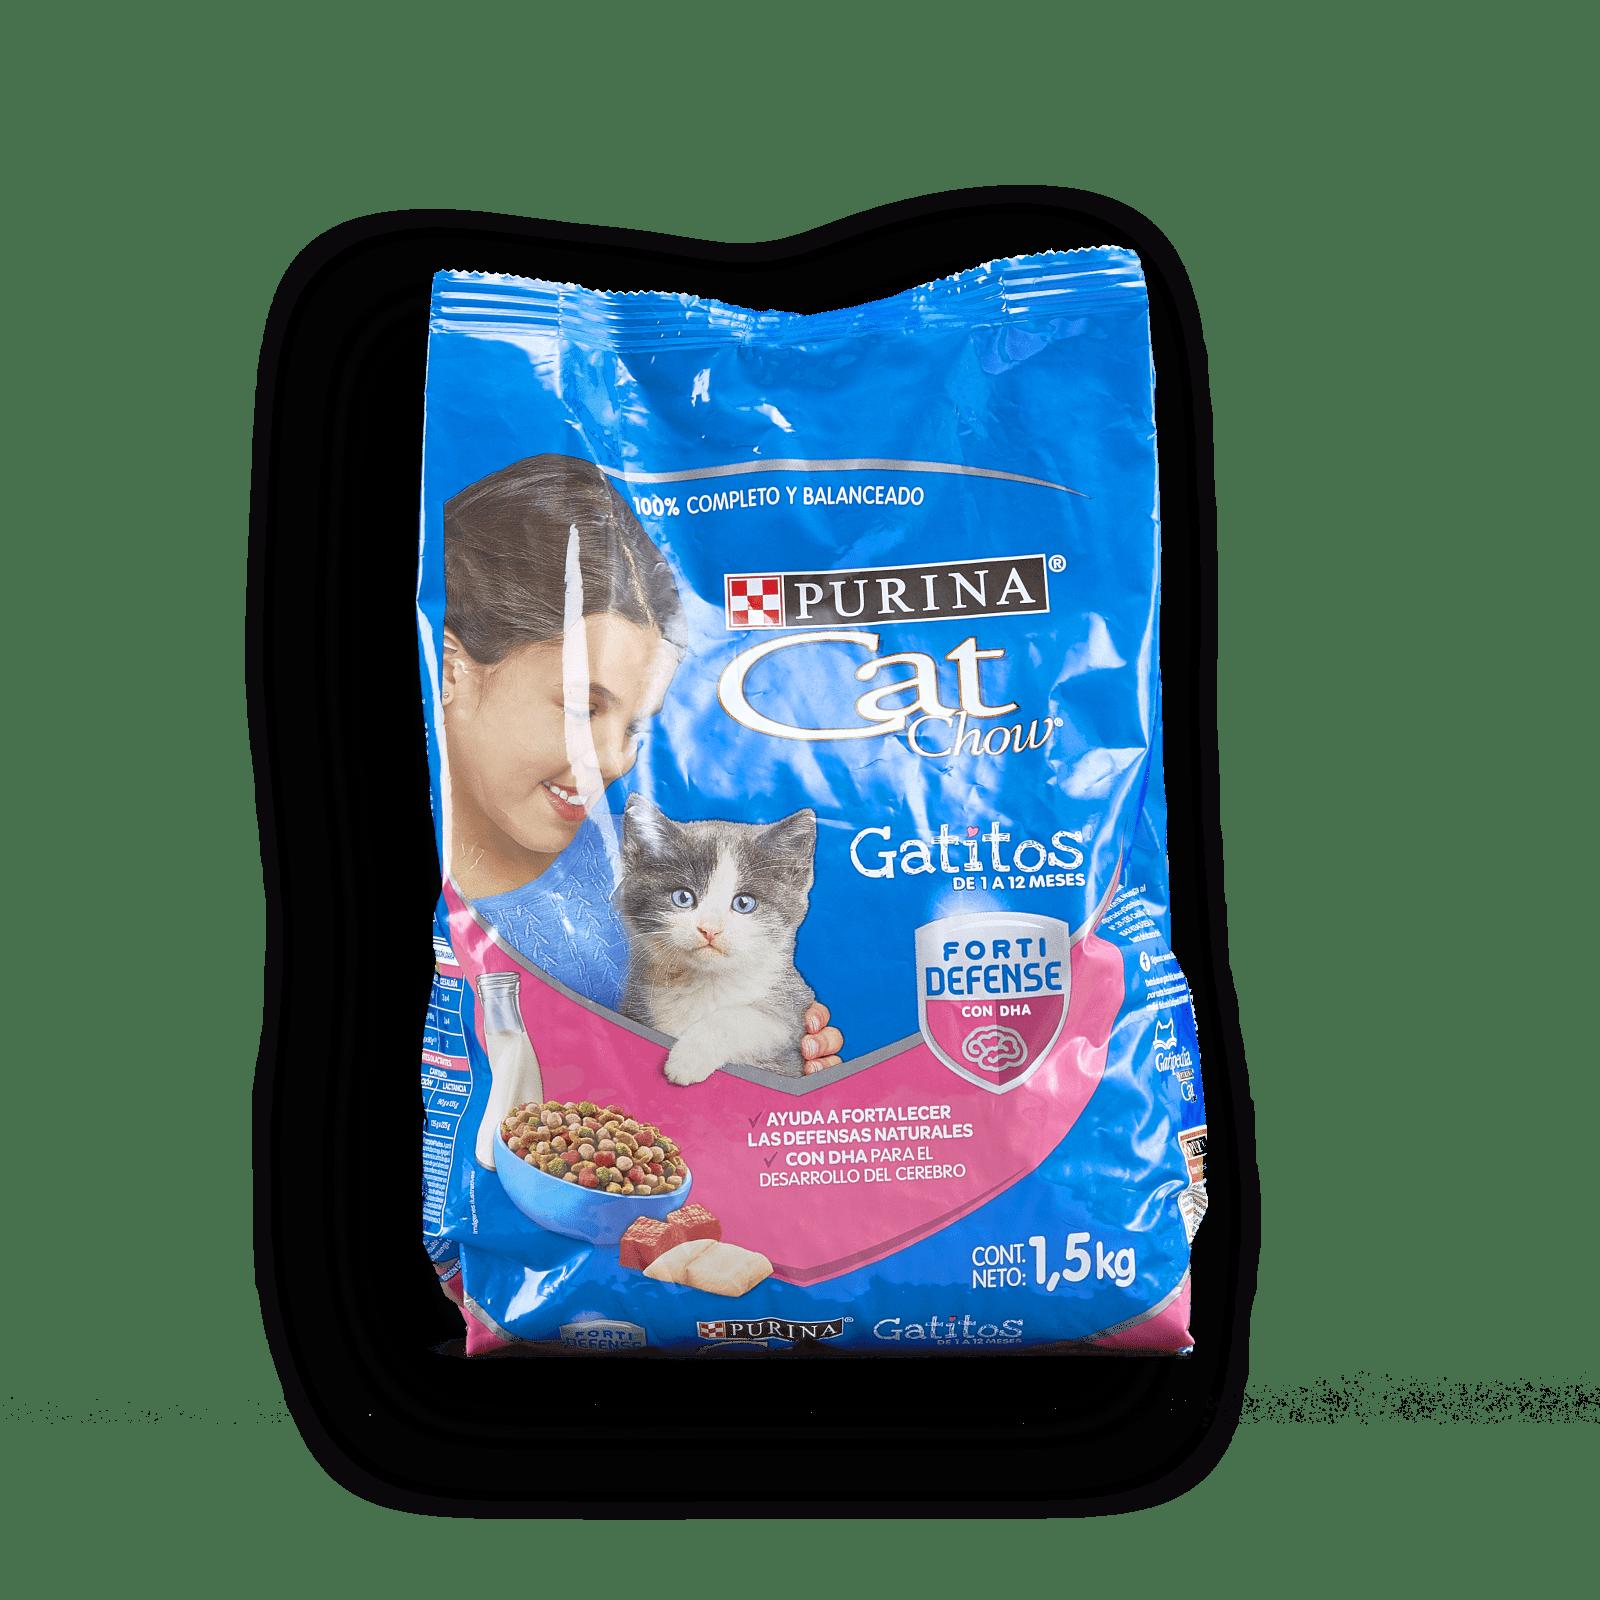 Alimento Gatitos Purinacat Chow De 1 A 12 Mes Fo